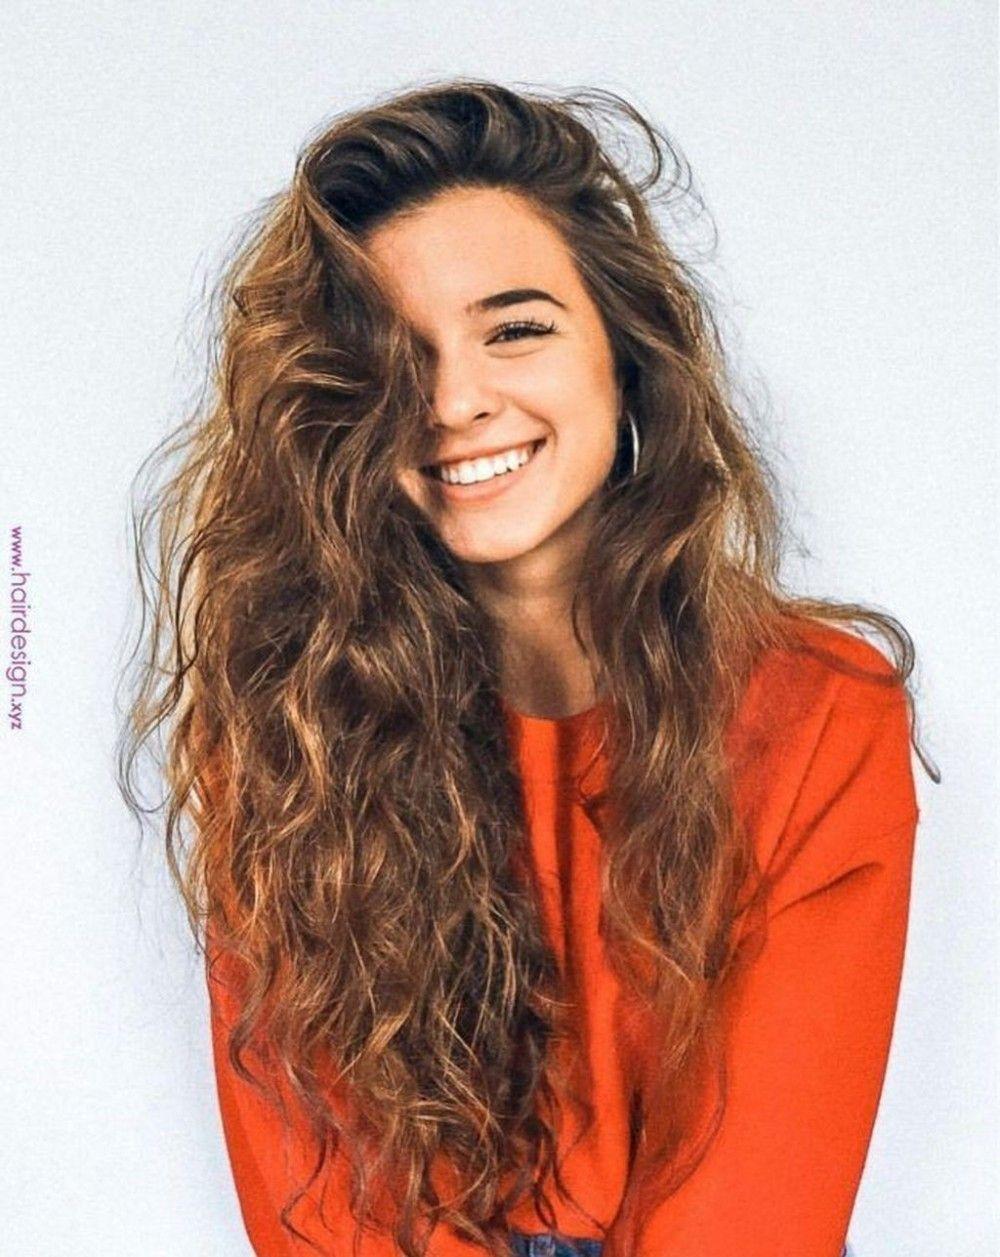 38 Die Heissesten Ideen Fur Langes Und Lockiges Haar 40fashiontrend Lange Haare Lockige Haare Braune Haare